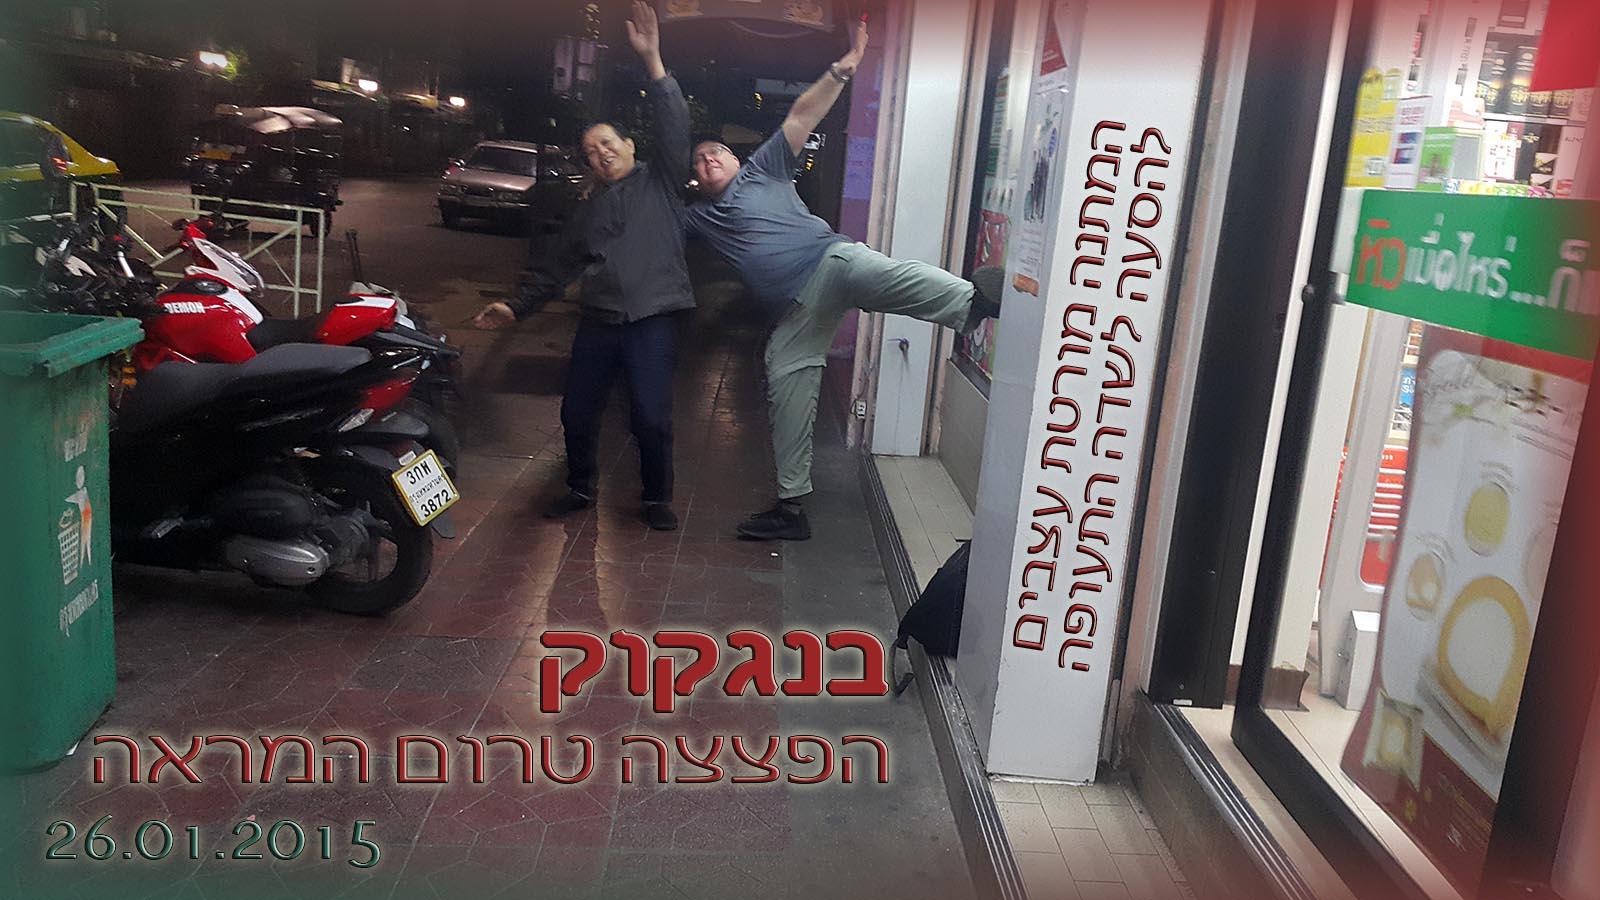 יאיר דיקמן אוירון